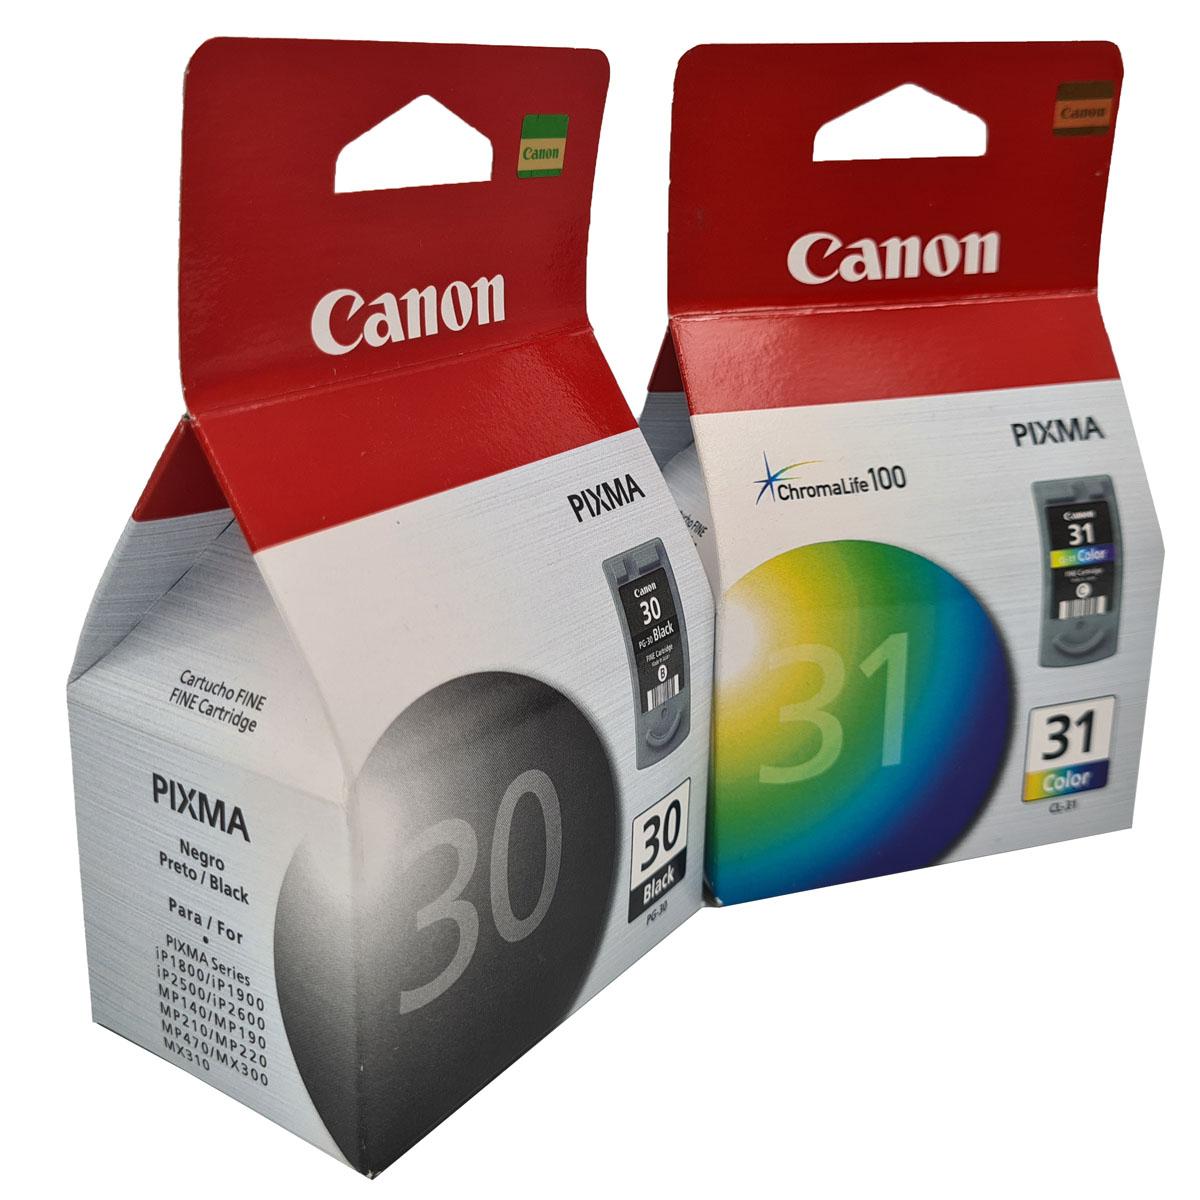 Kit 2 cartuchos Canon PG30 Preto e CL31 colorido para MP190 MP160 MP140 IP1800